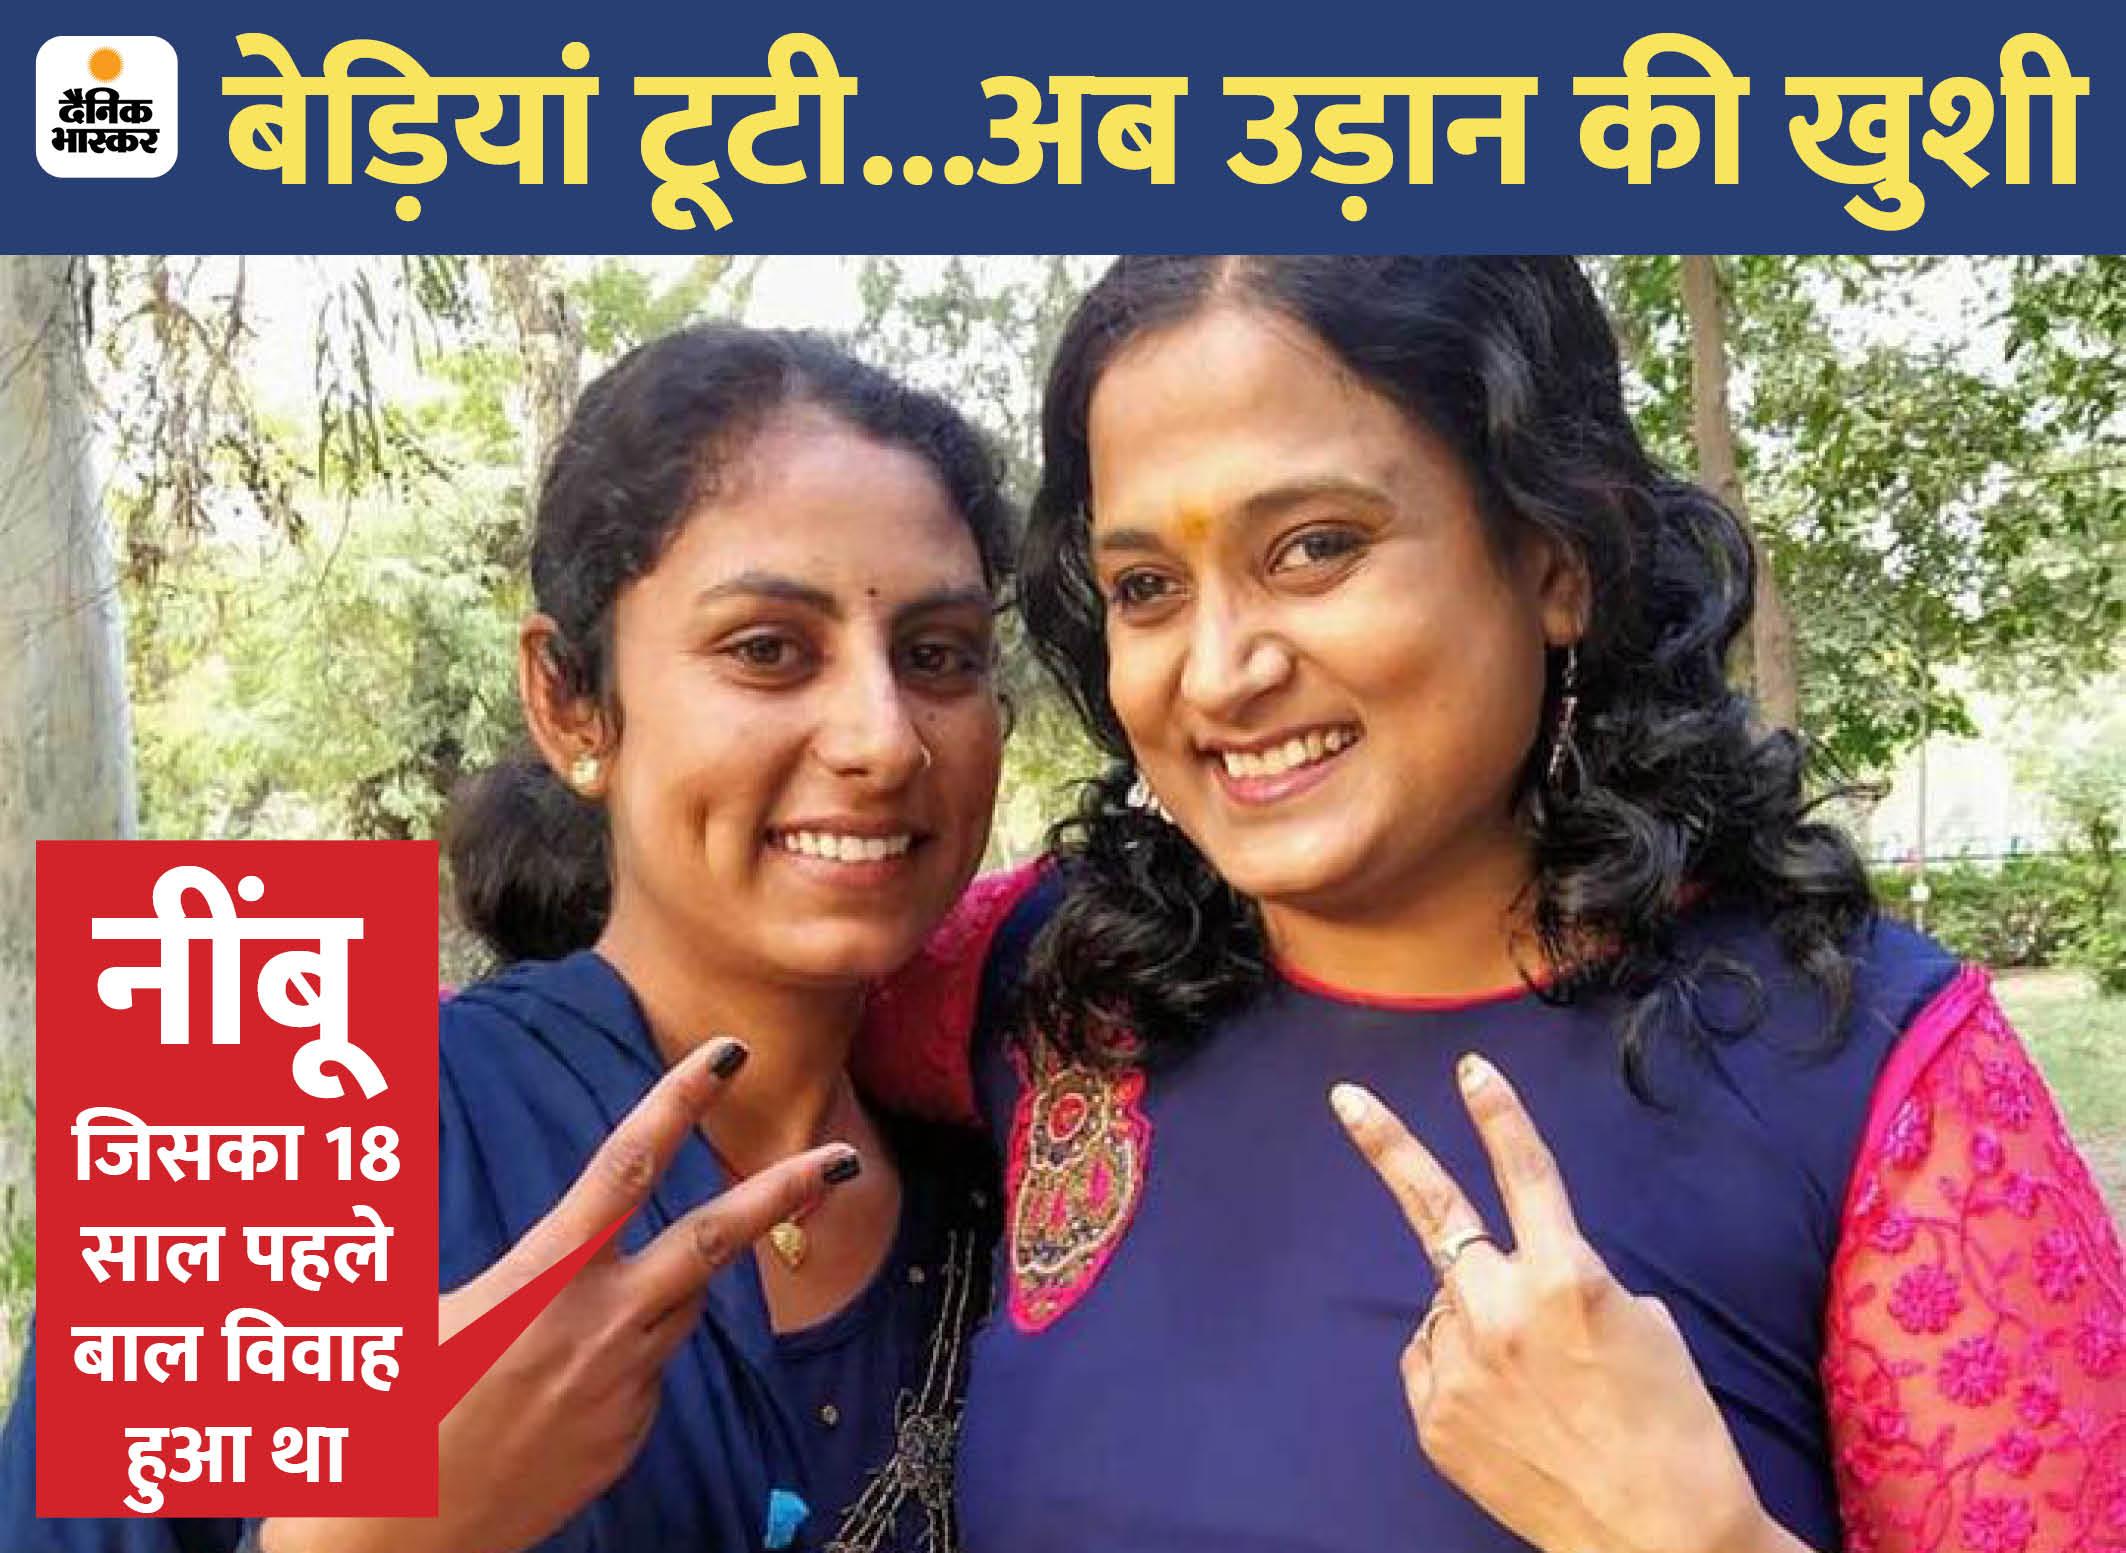 बाल विवाह निरस्त होने के बाद डॉ. कृति भारती के साथ अपनी खुशी व्यक्त करती नींबू (बाएं)। - Dainik Bhaskar